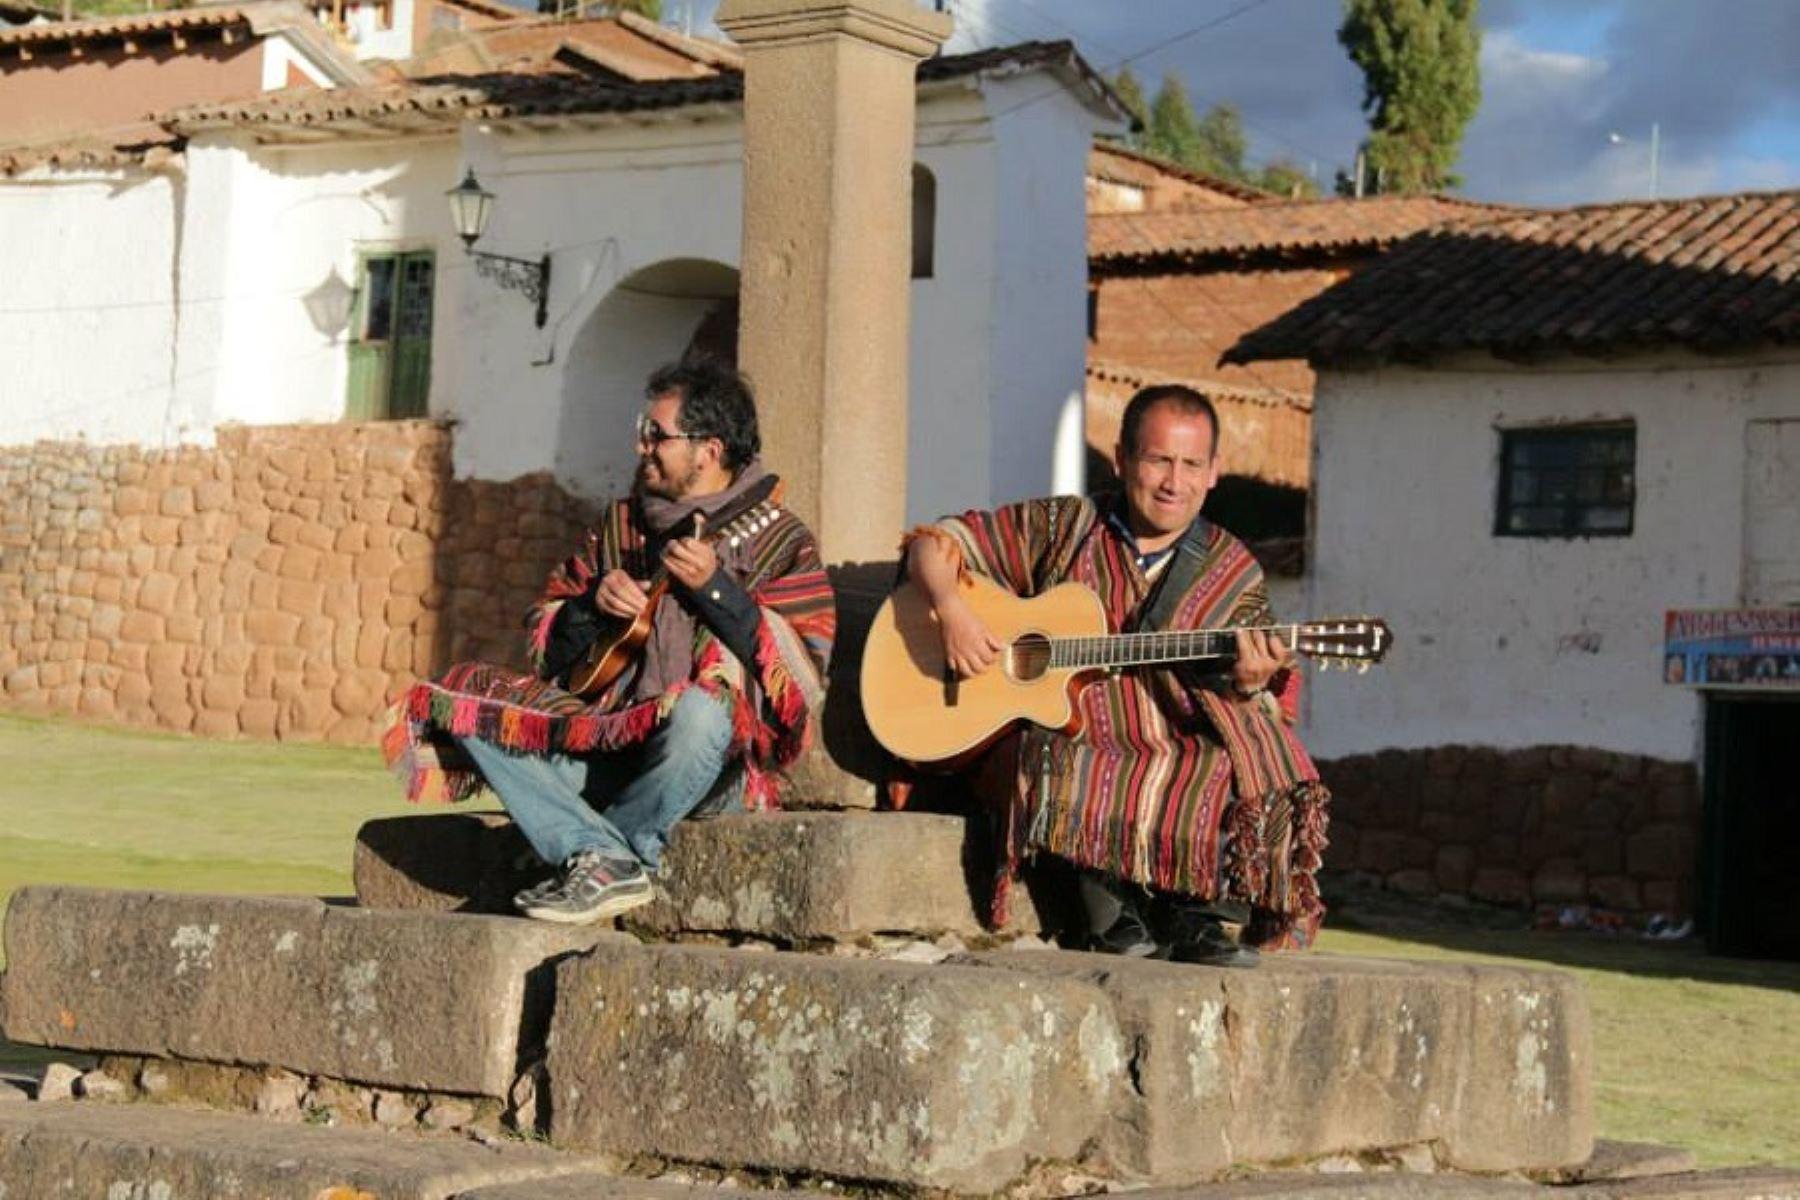 Los músicos cusqueños Pedro Gutiérrez y Willy Farfán compusieron una canción dedicada al Papa Francisco.  ANDINA